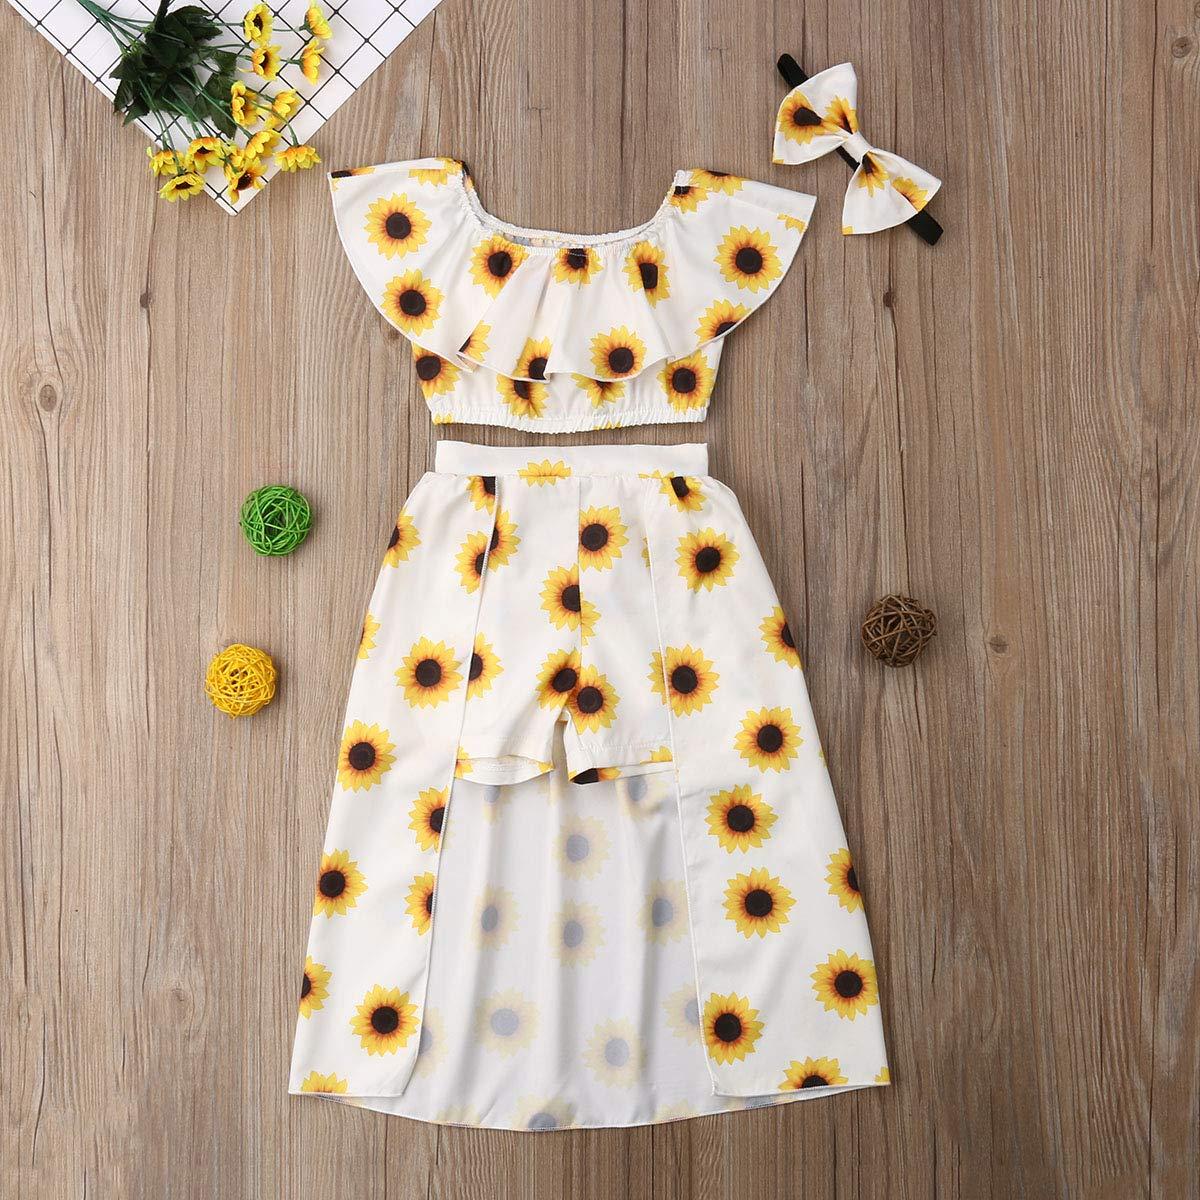 Kids Summer Clothes Set Toddler Girl Sunflower Skirts Set Ruffled Off Shouder Crop Top+Skirt Dress+Headband Outfit